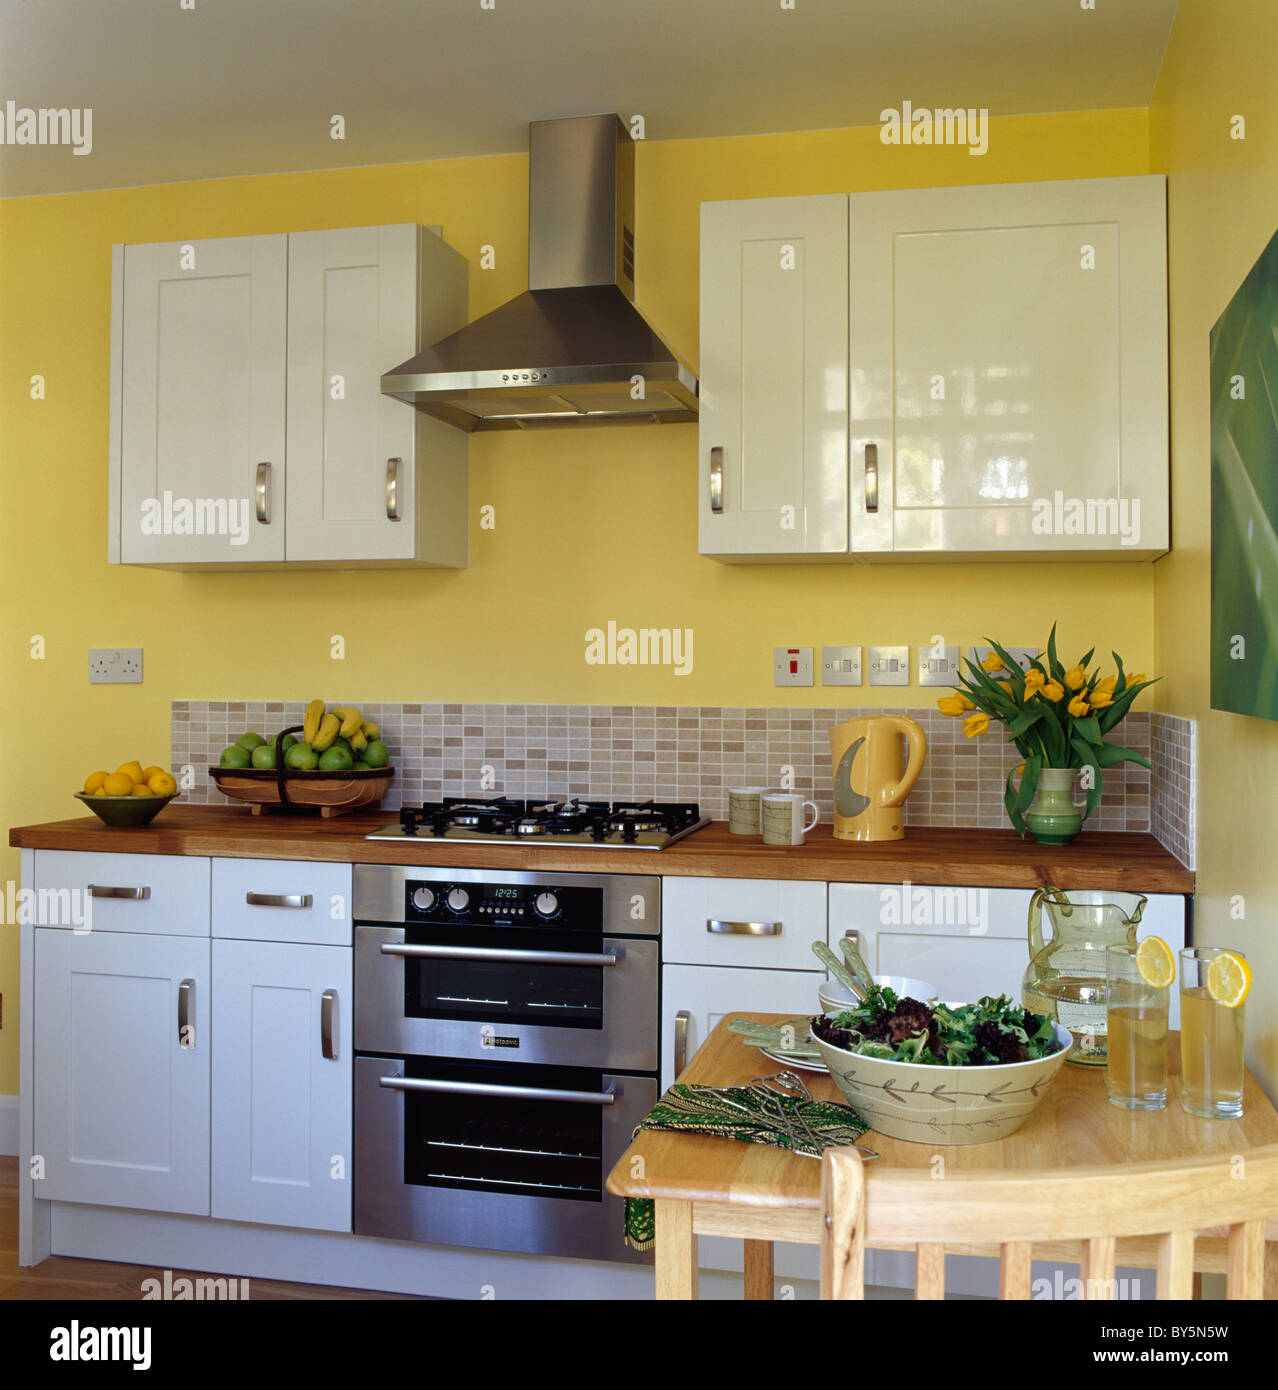 Edelstahl Abzugshaube über dem Ofen in Modernb gelbe Küche mit ...